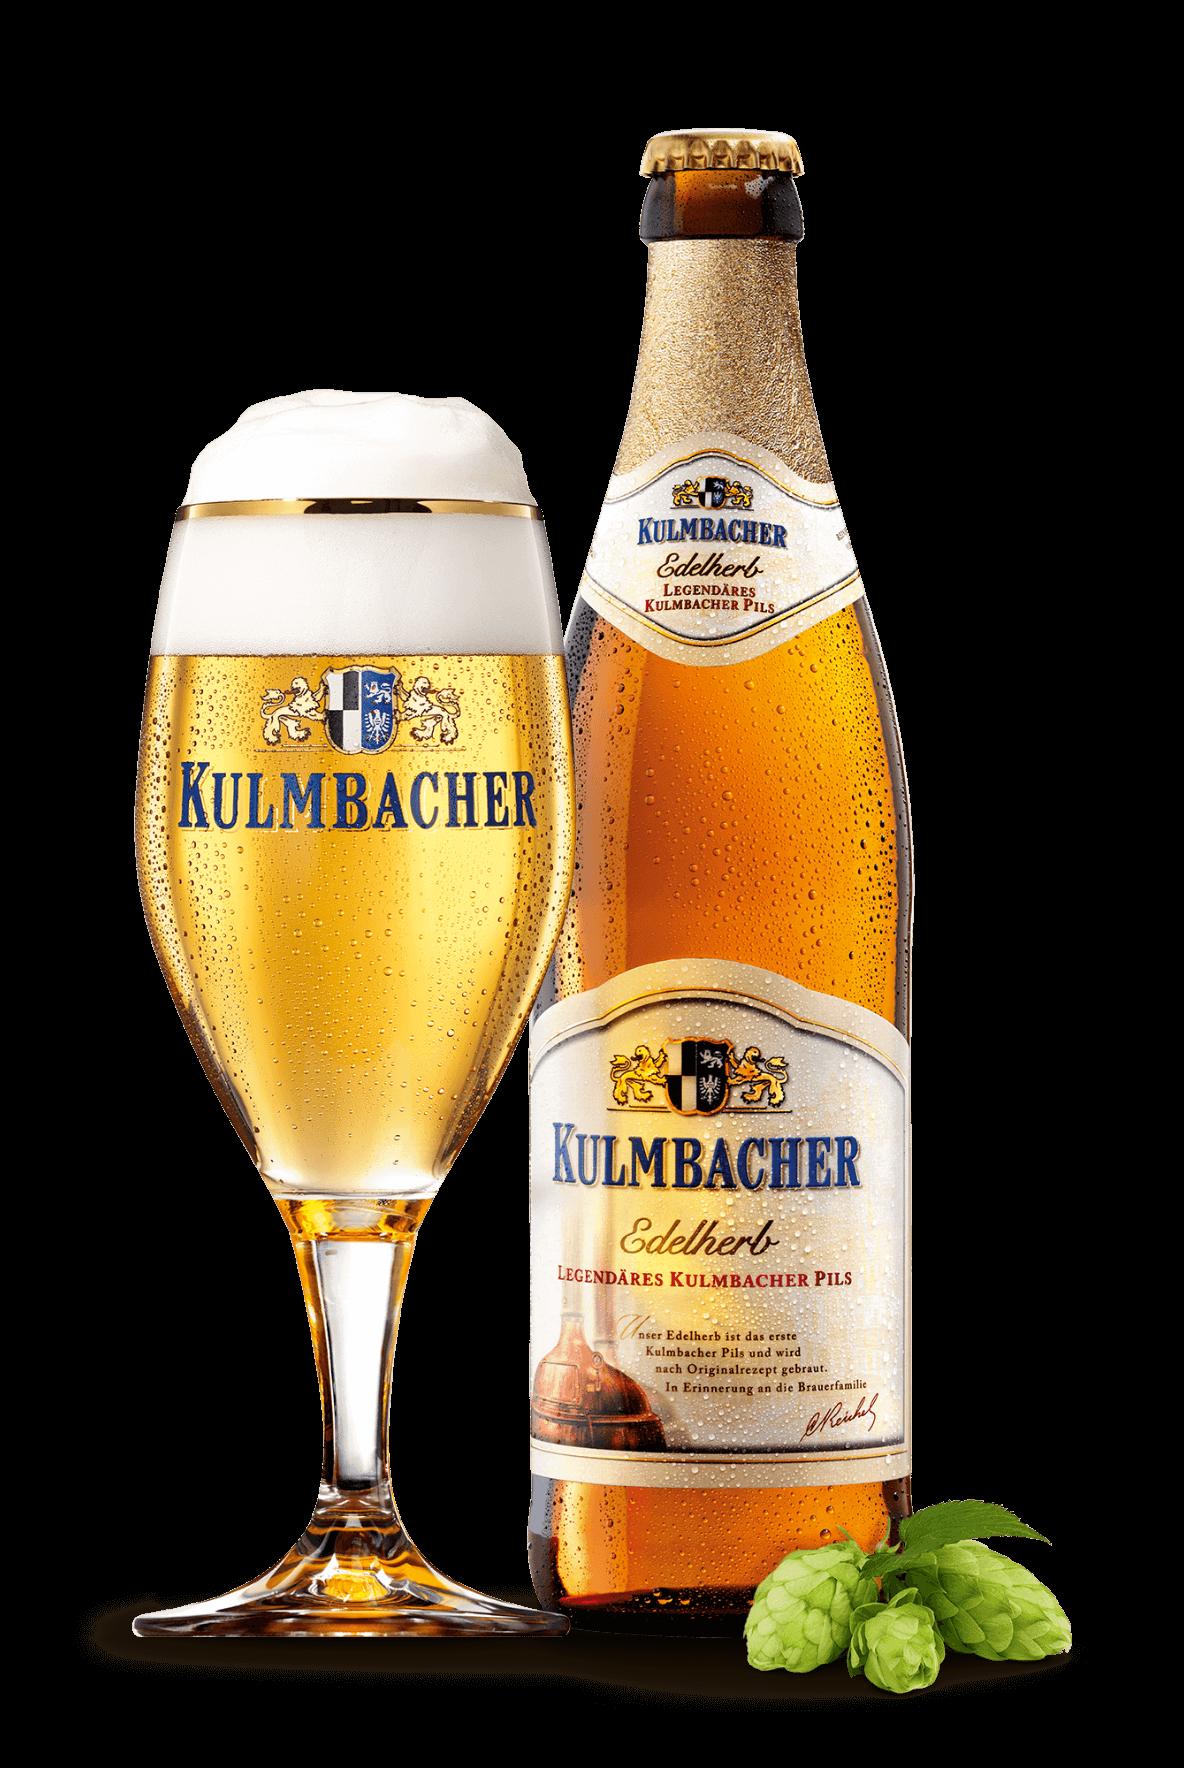 Kulmbacher Edelherb - legendäres Pils